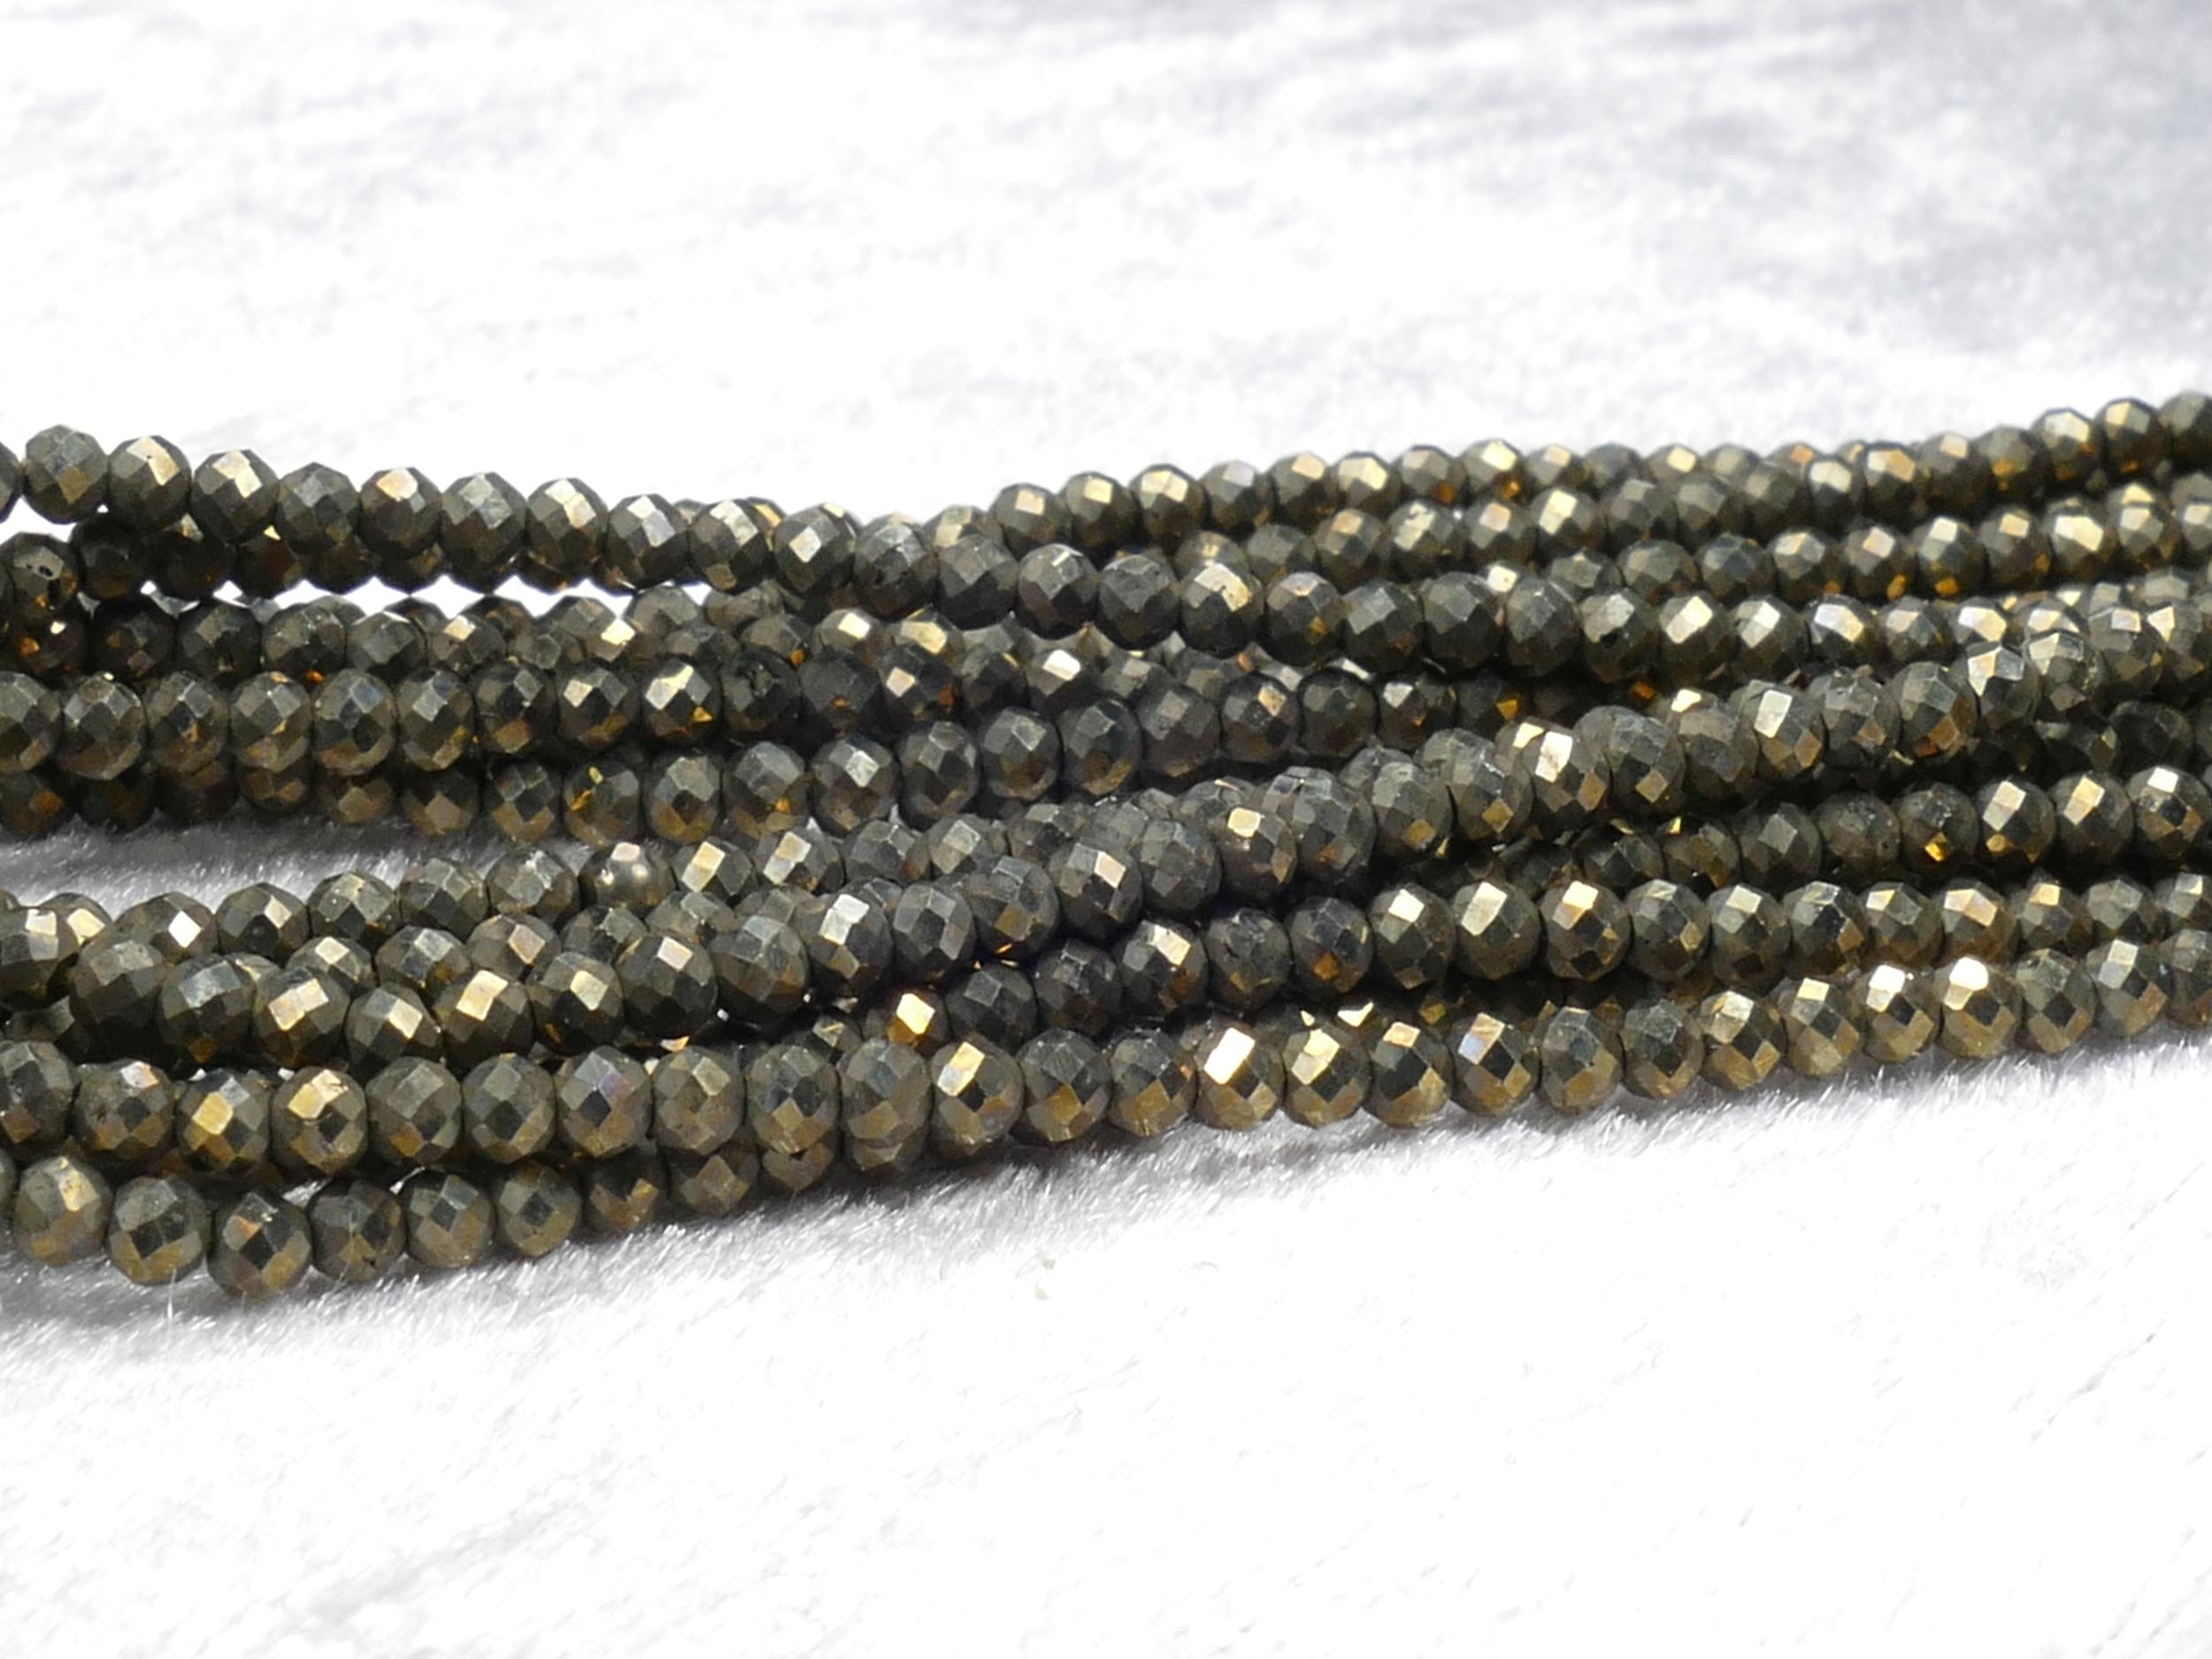 2/2.2mm AA/AAA+ Petites perles de Pyrite naturelle en boule / rondelle micro facettée x31cm (12.2inch) (#AC870)